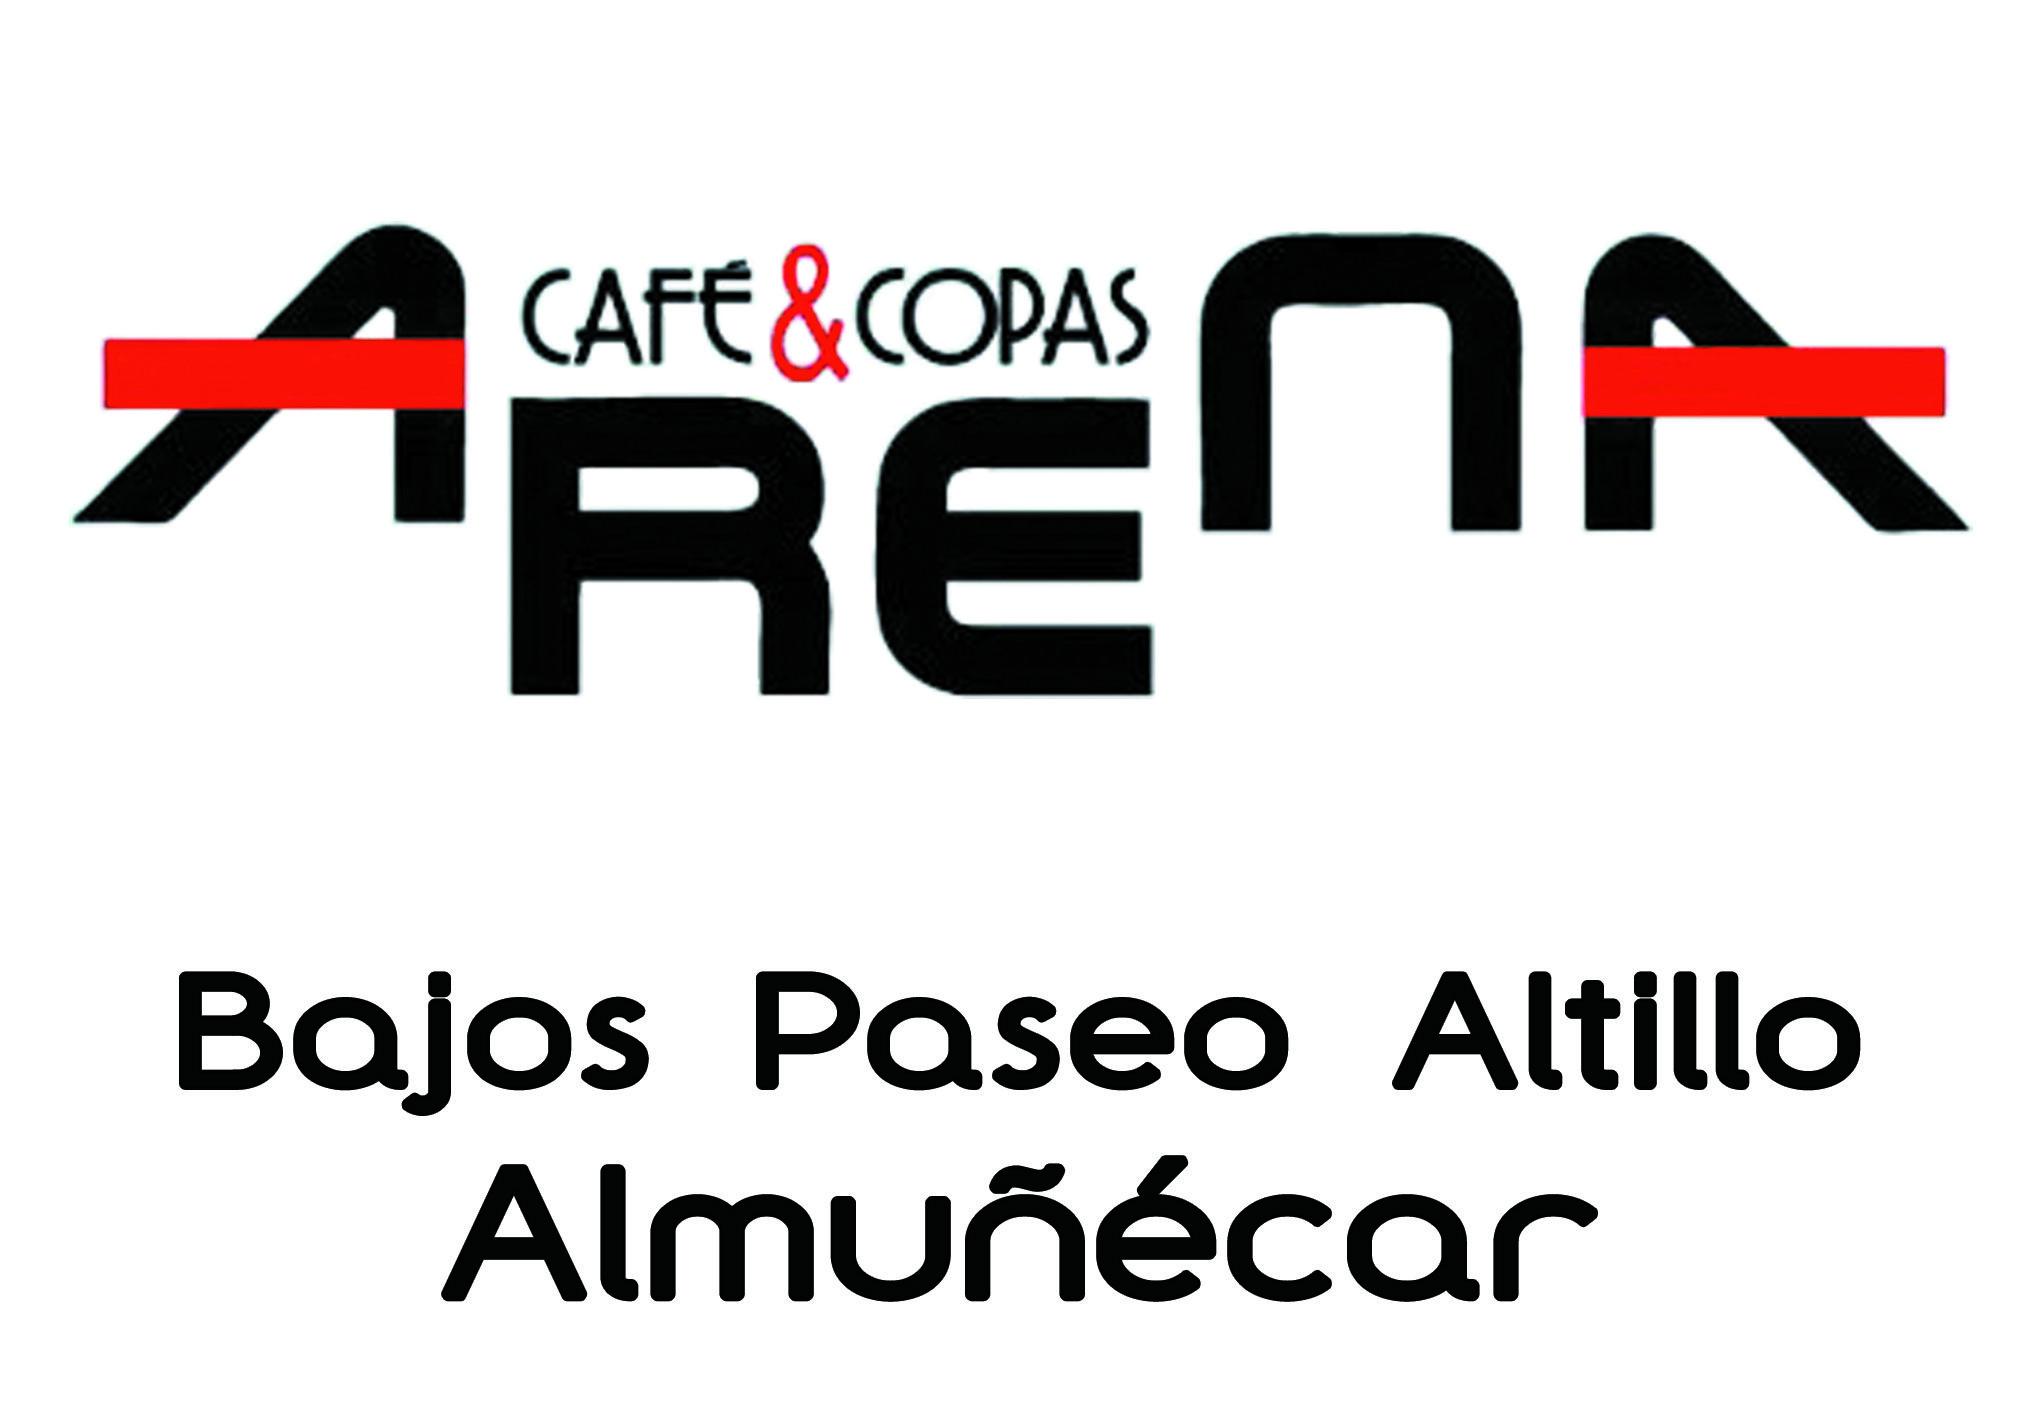 CAFE ARENA COPAS ¡¡DALE LA VUELTA AL TICKET!! del DIA% en Salobreña.